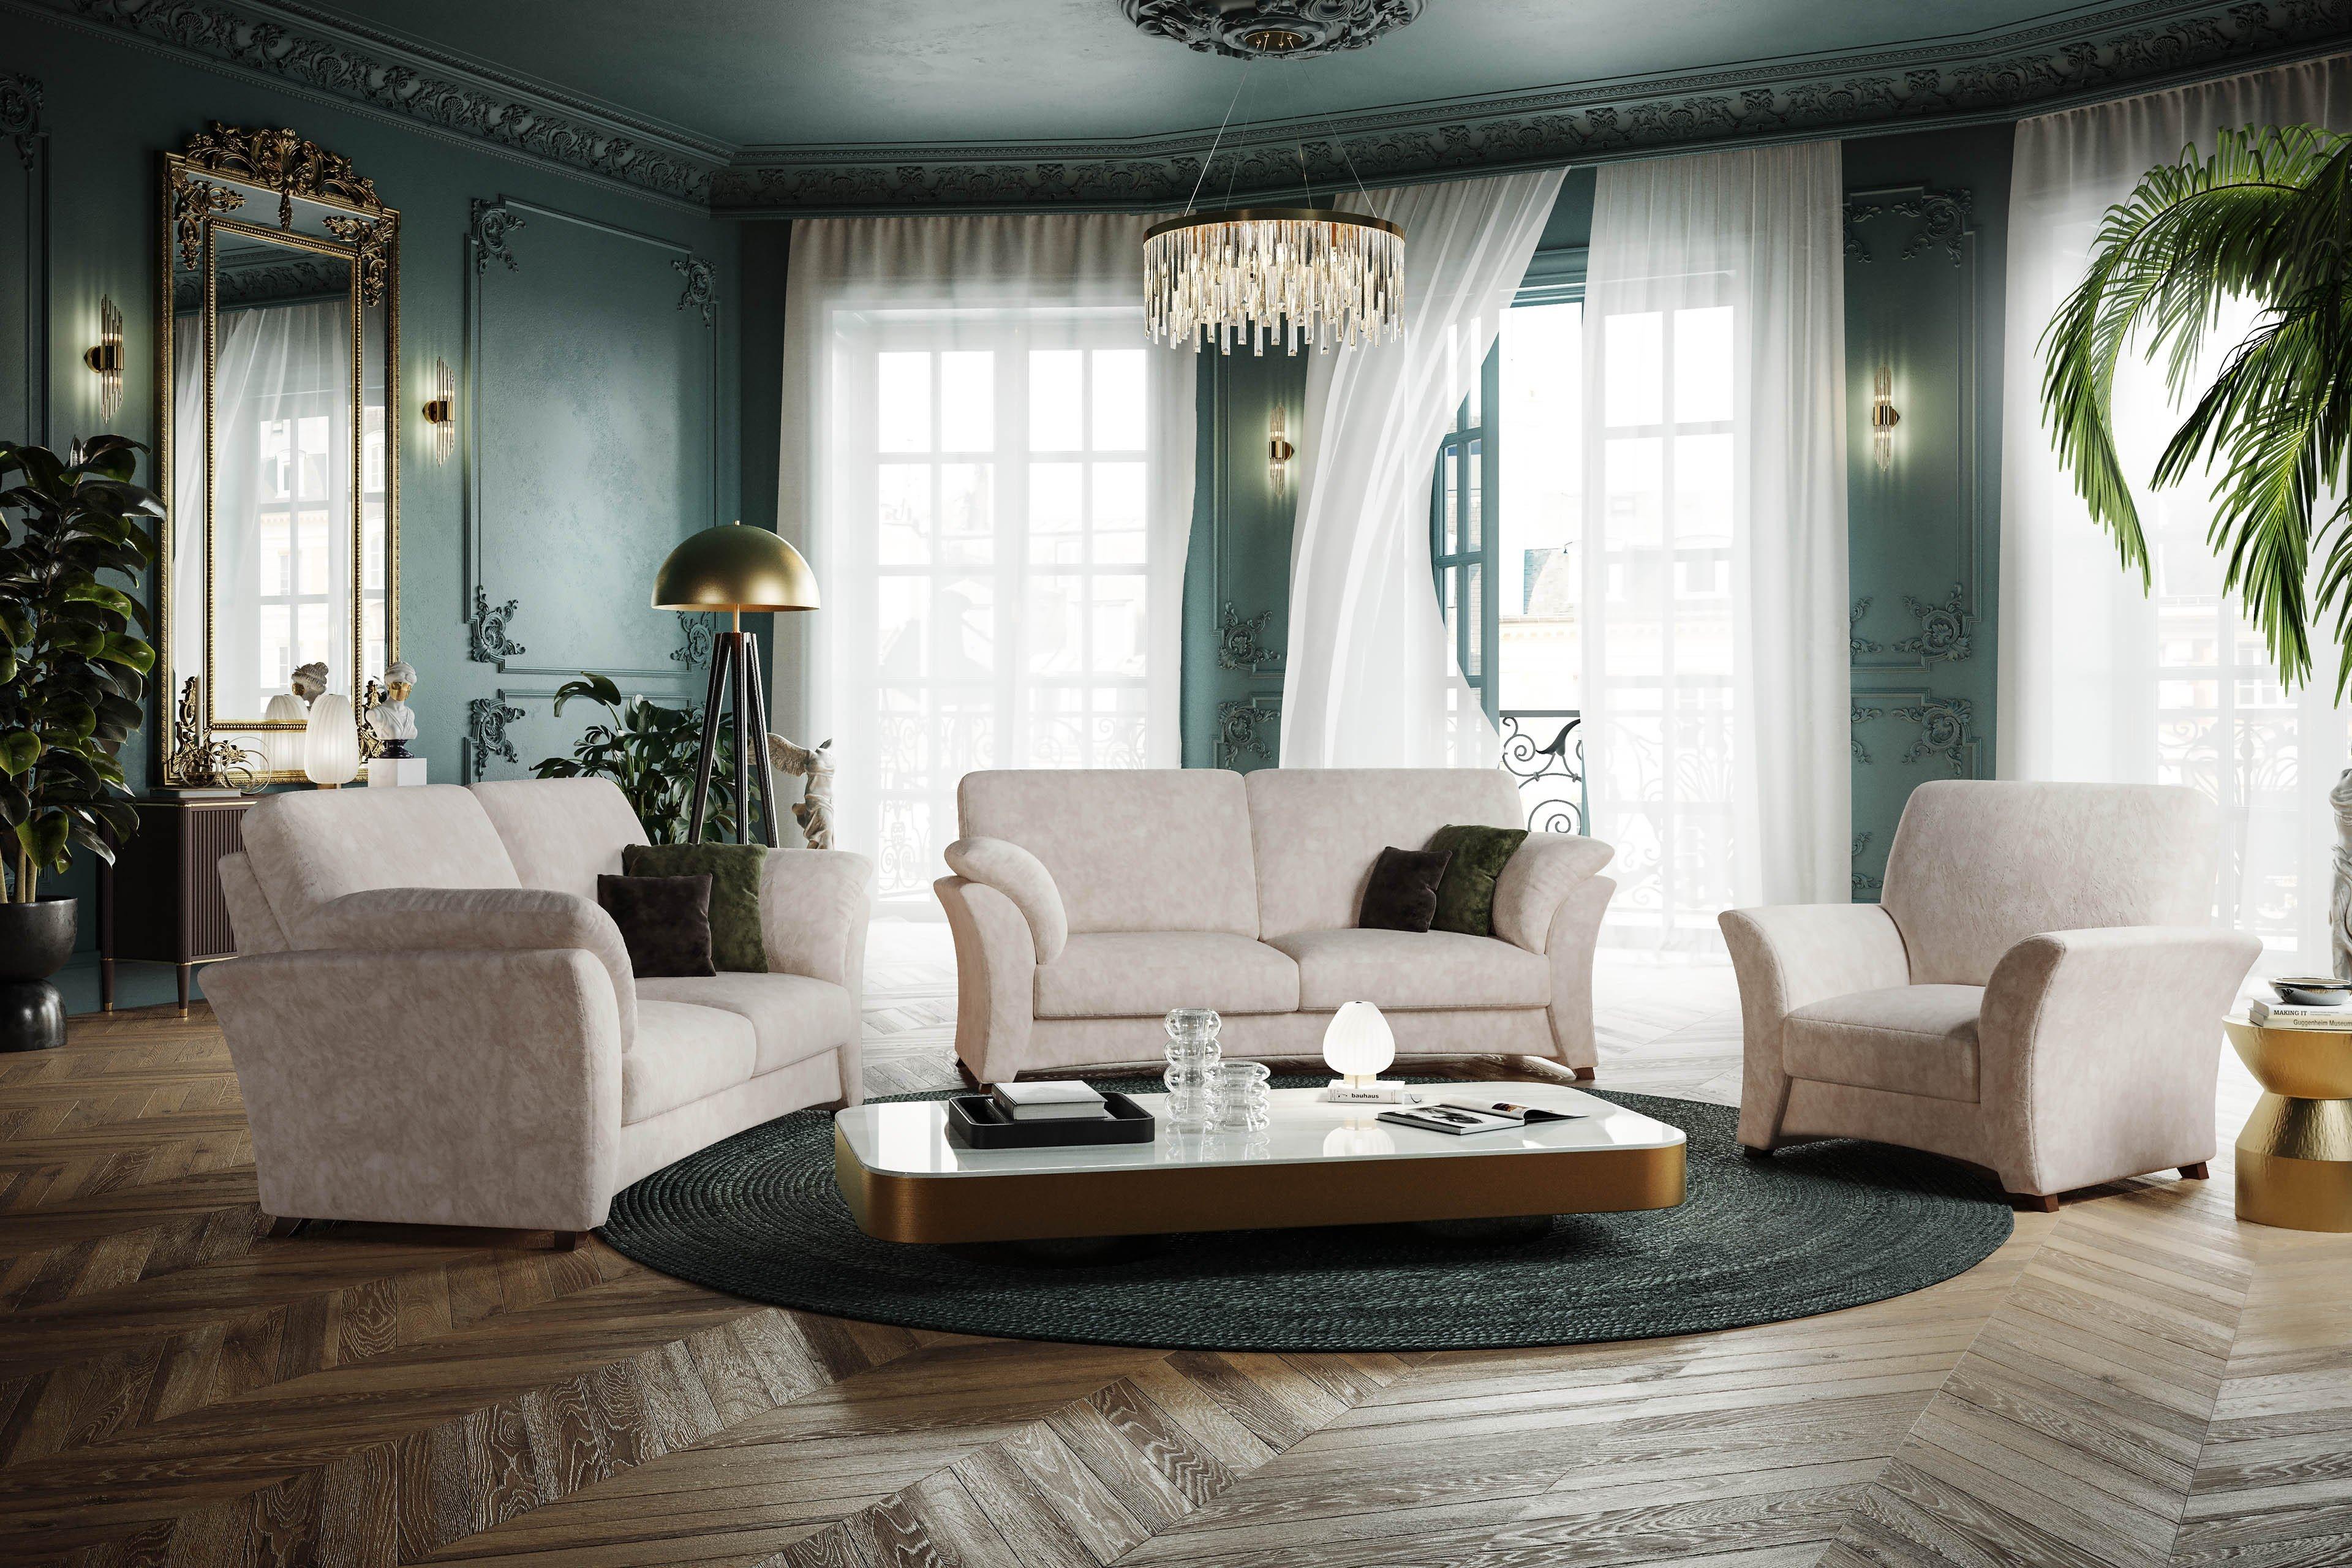 schr no sydney polstergarnitur gr n kariert m bel letz ihr online shop. Black Bedroom Furniture Sets. Home Design Ideas